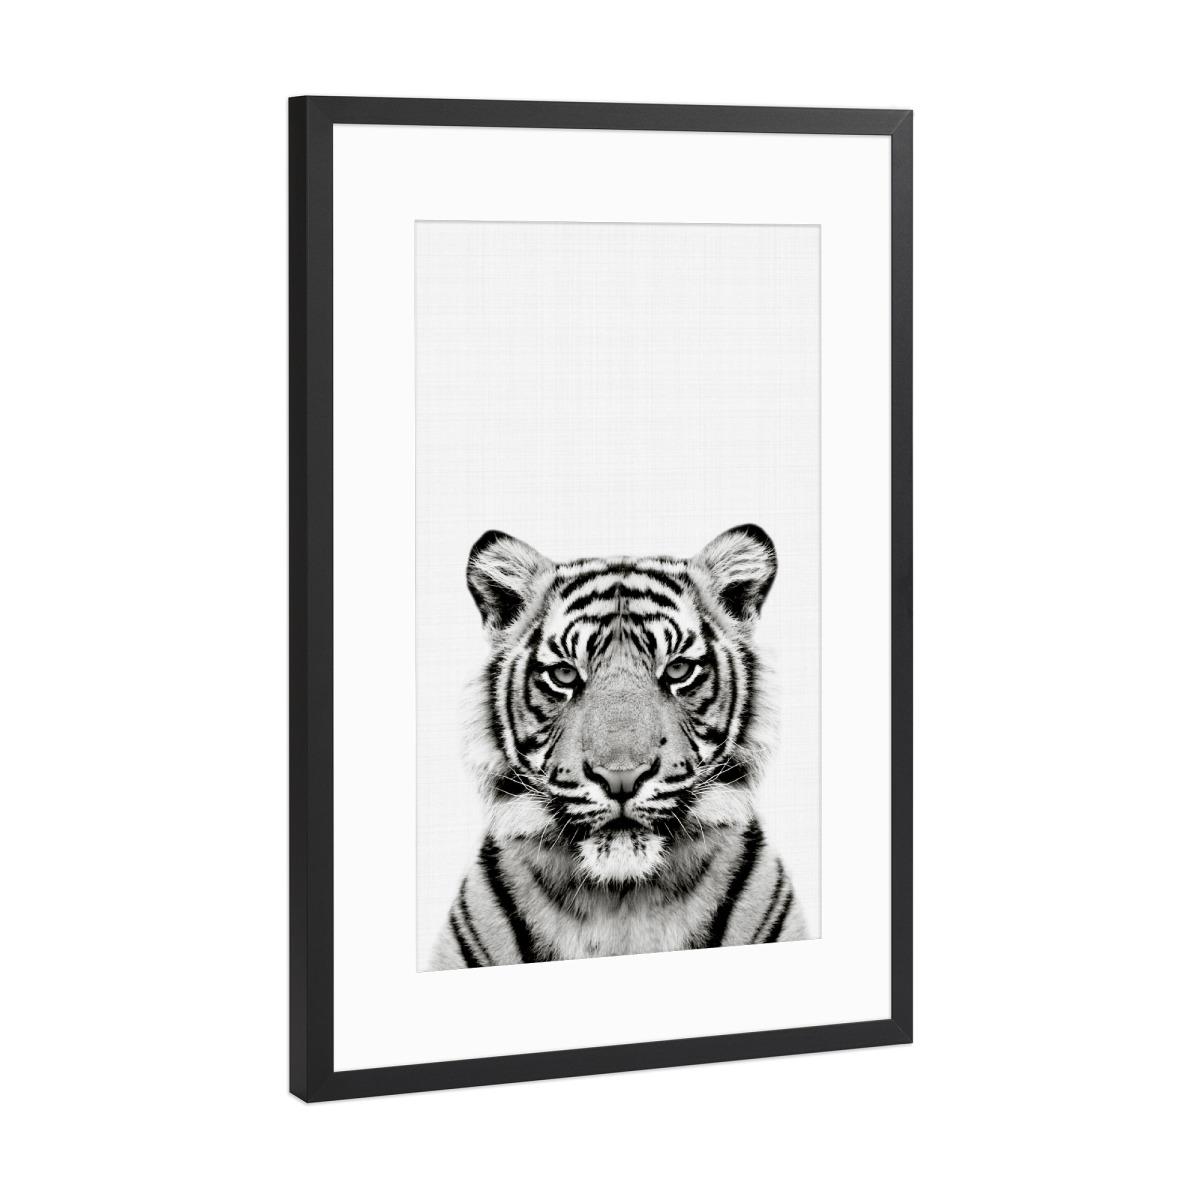 Tiger Portrait als Gerahmt bei artboxONE kaufen